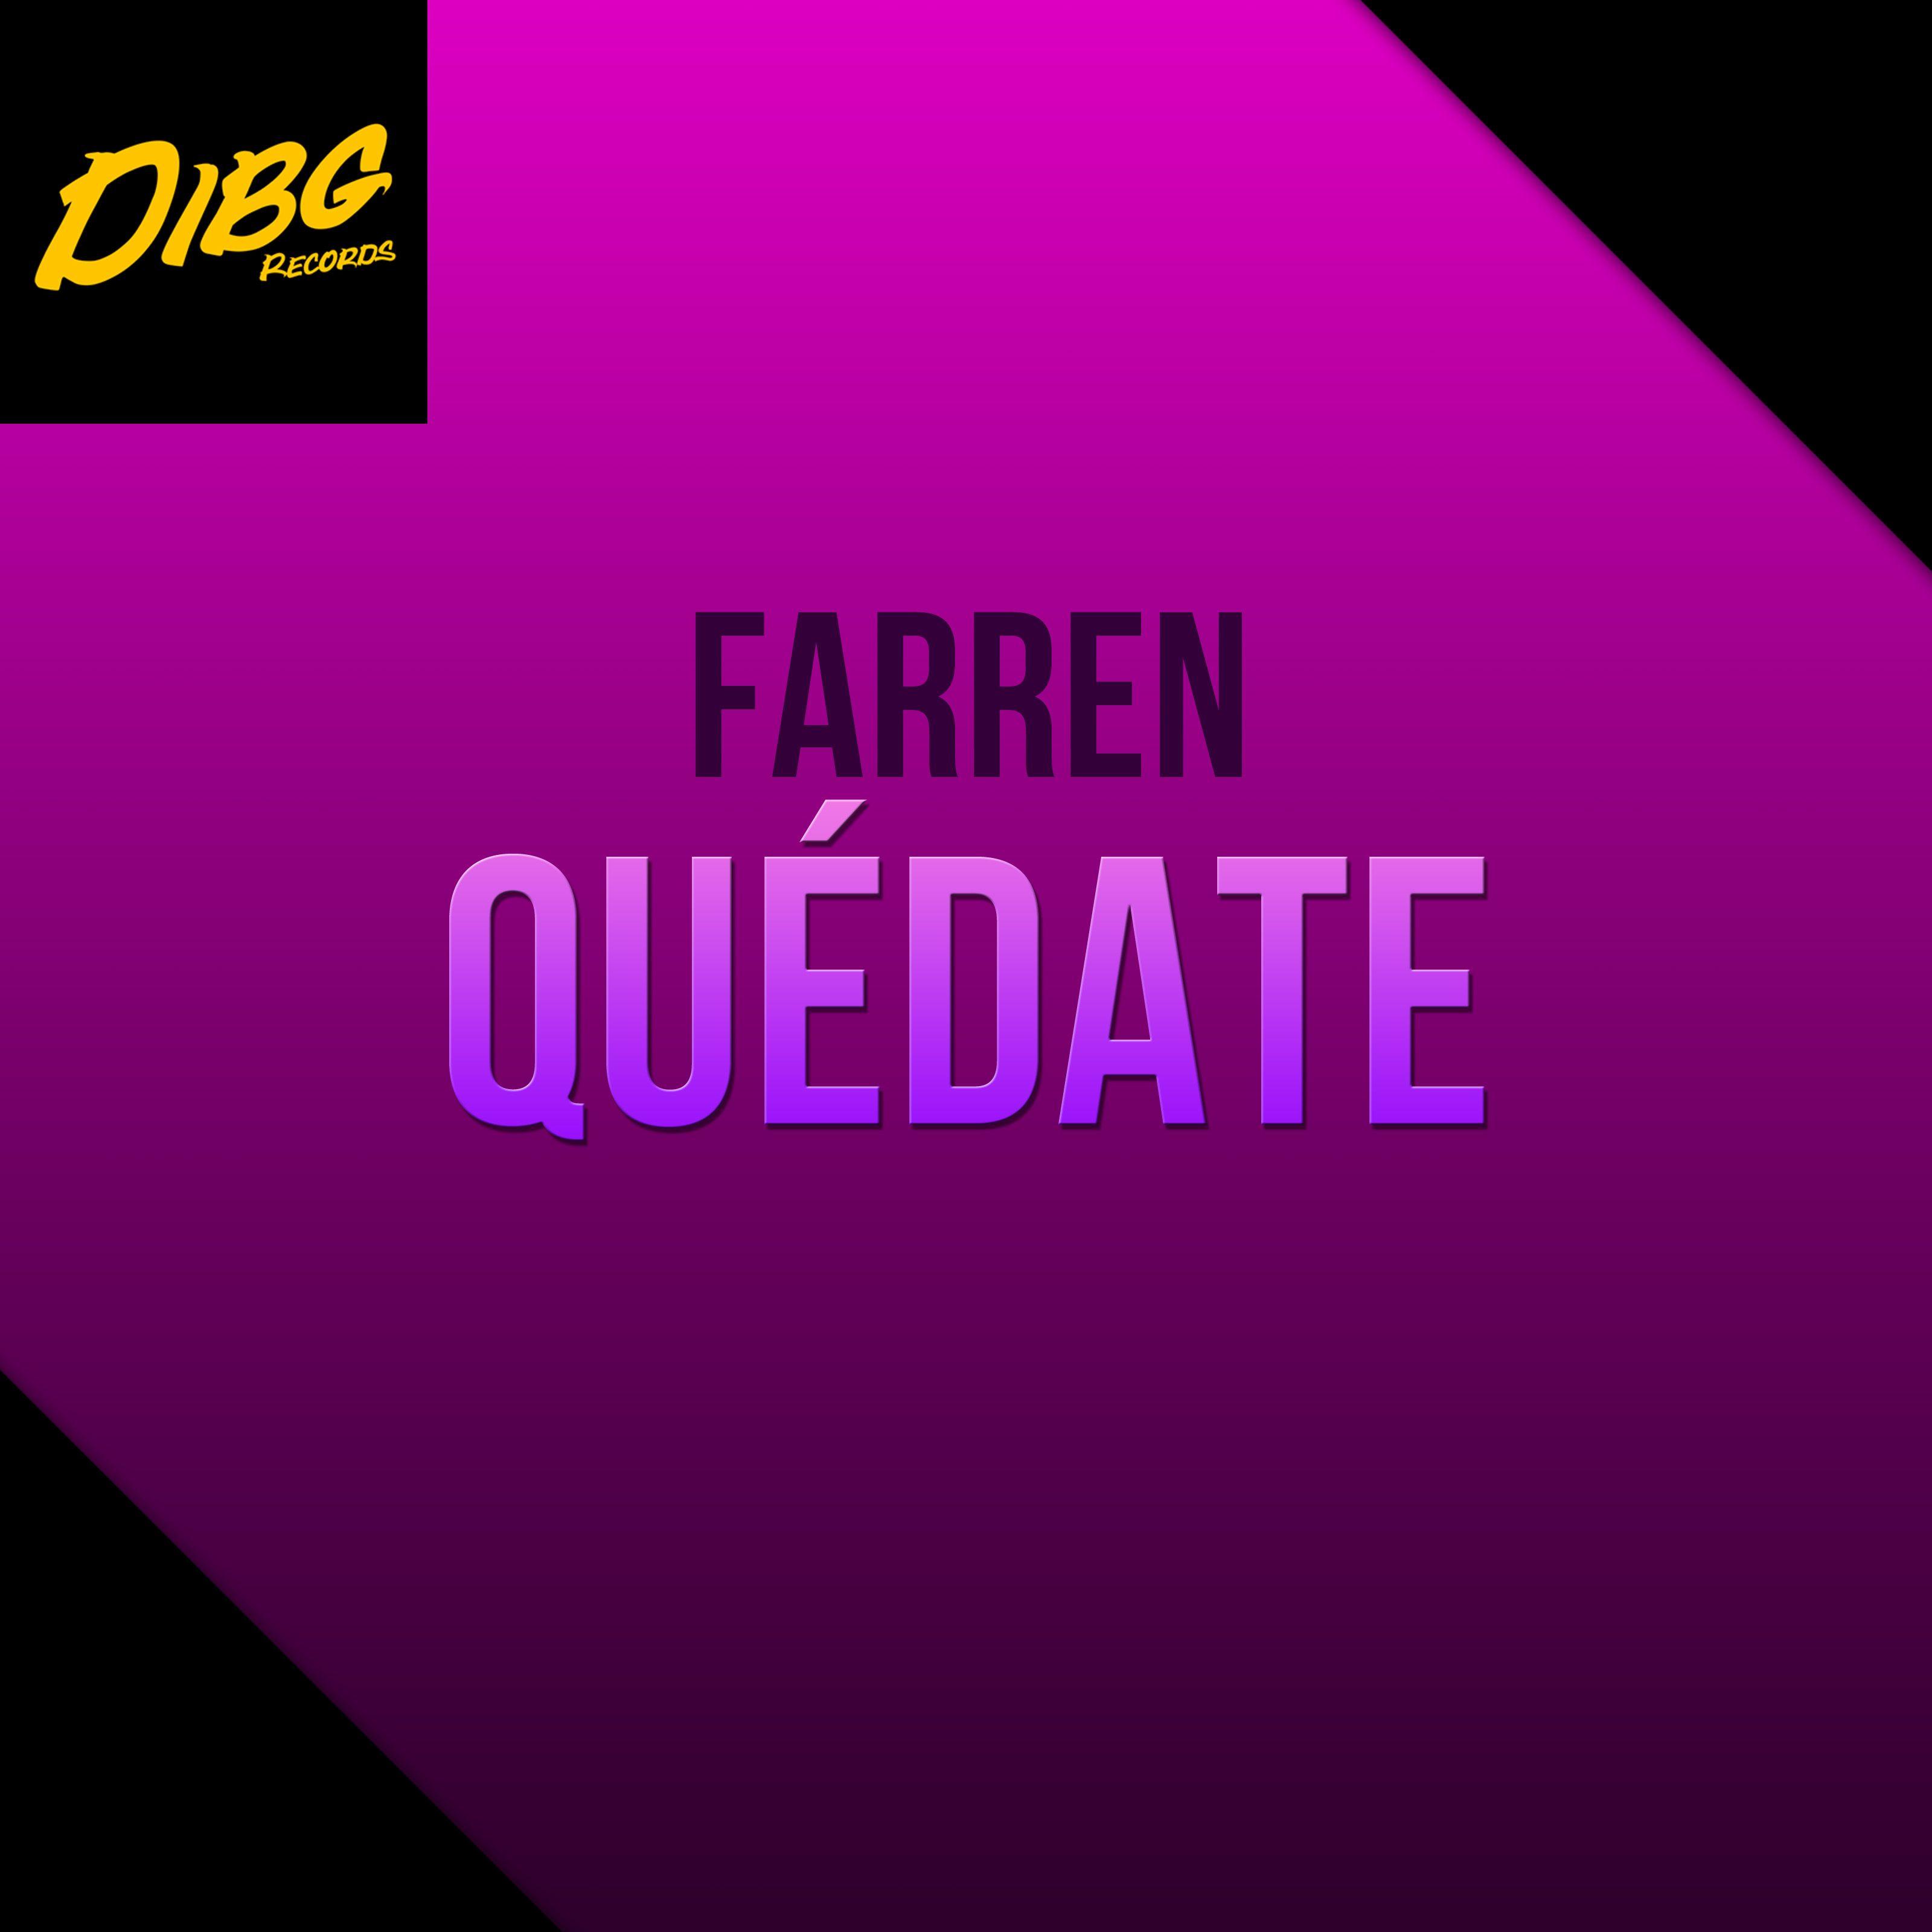 Fotografia Farren - Quedate (Album cover)